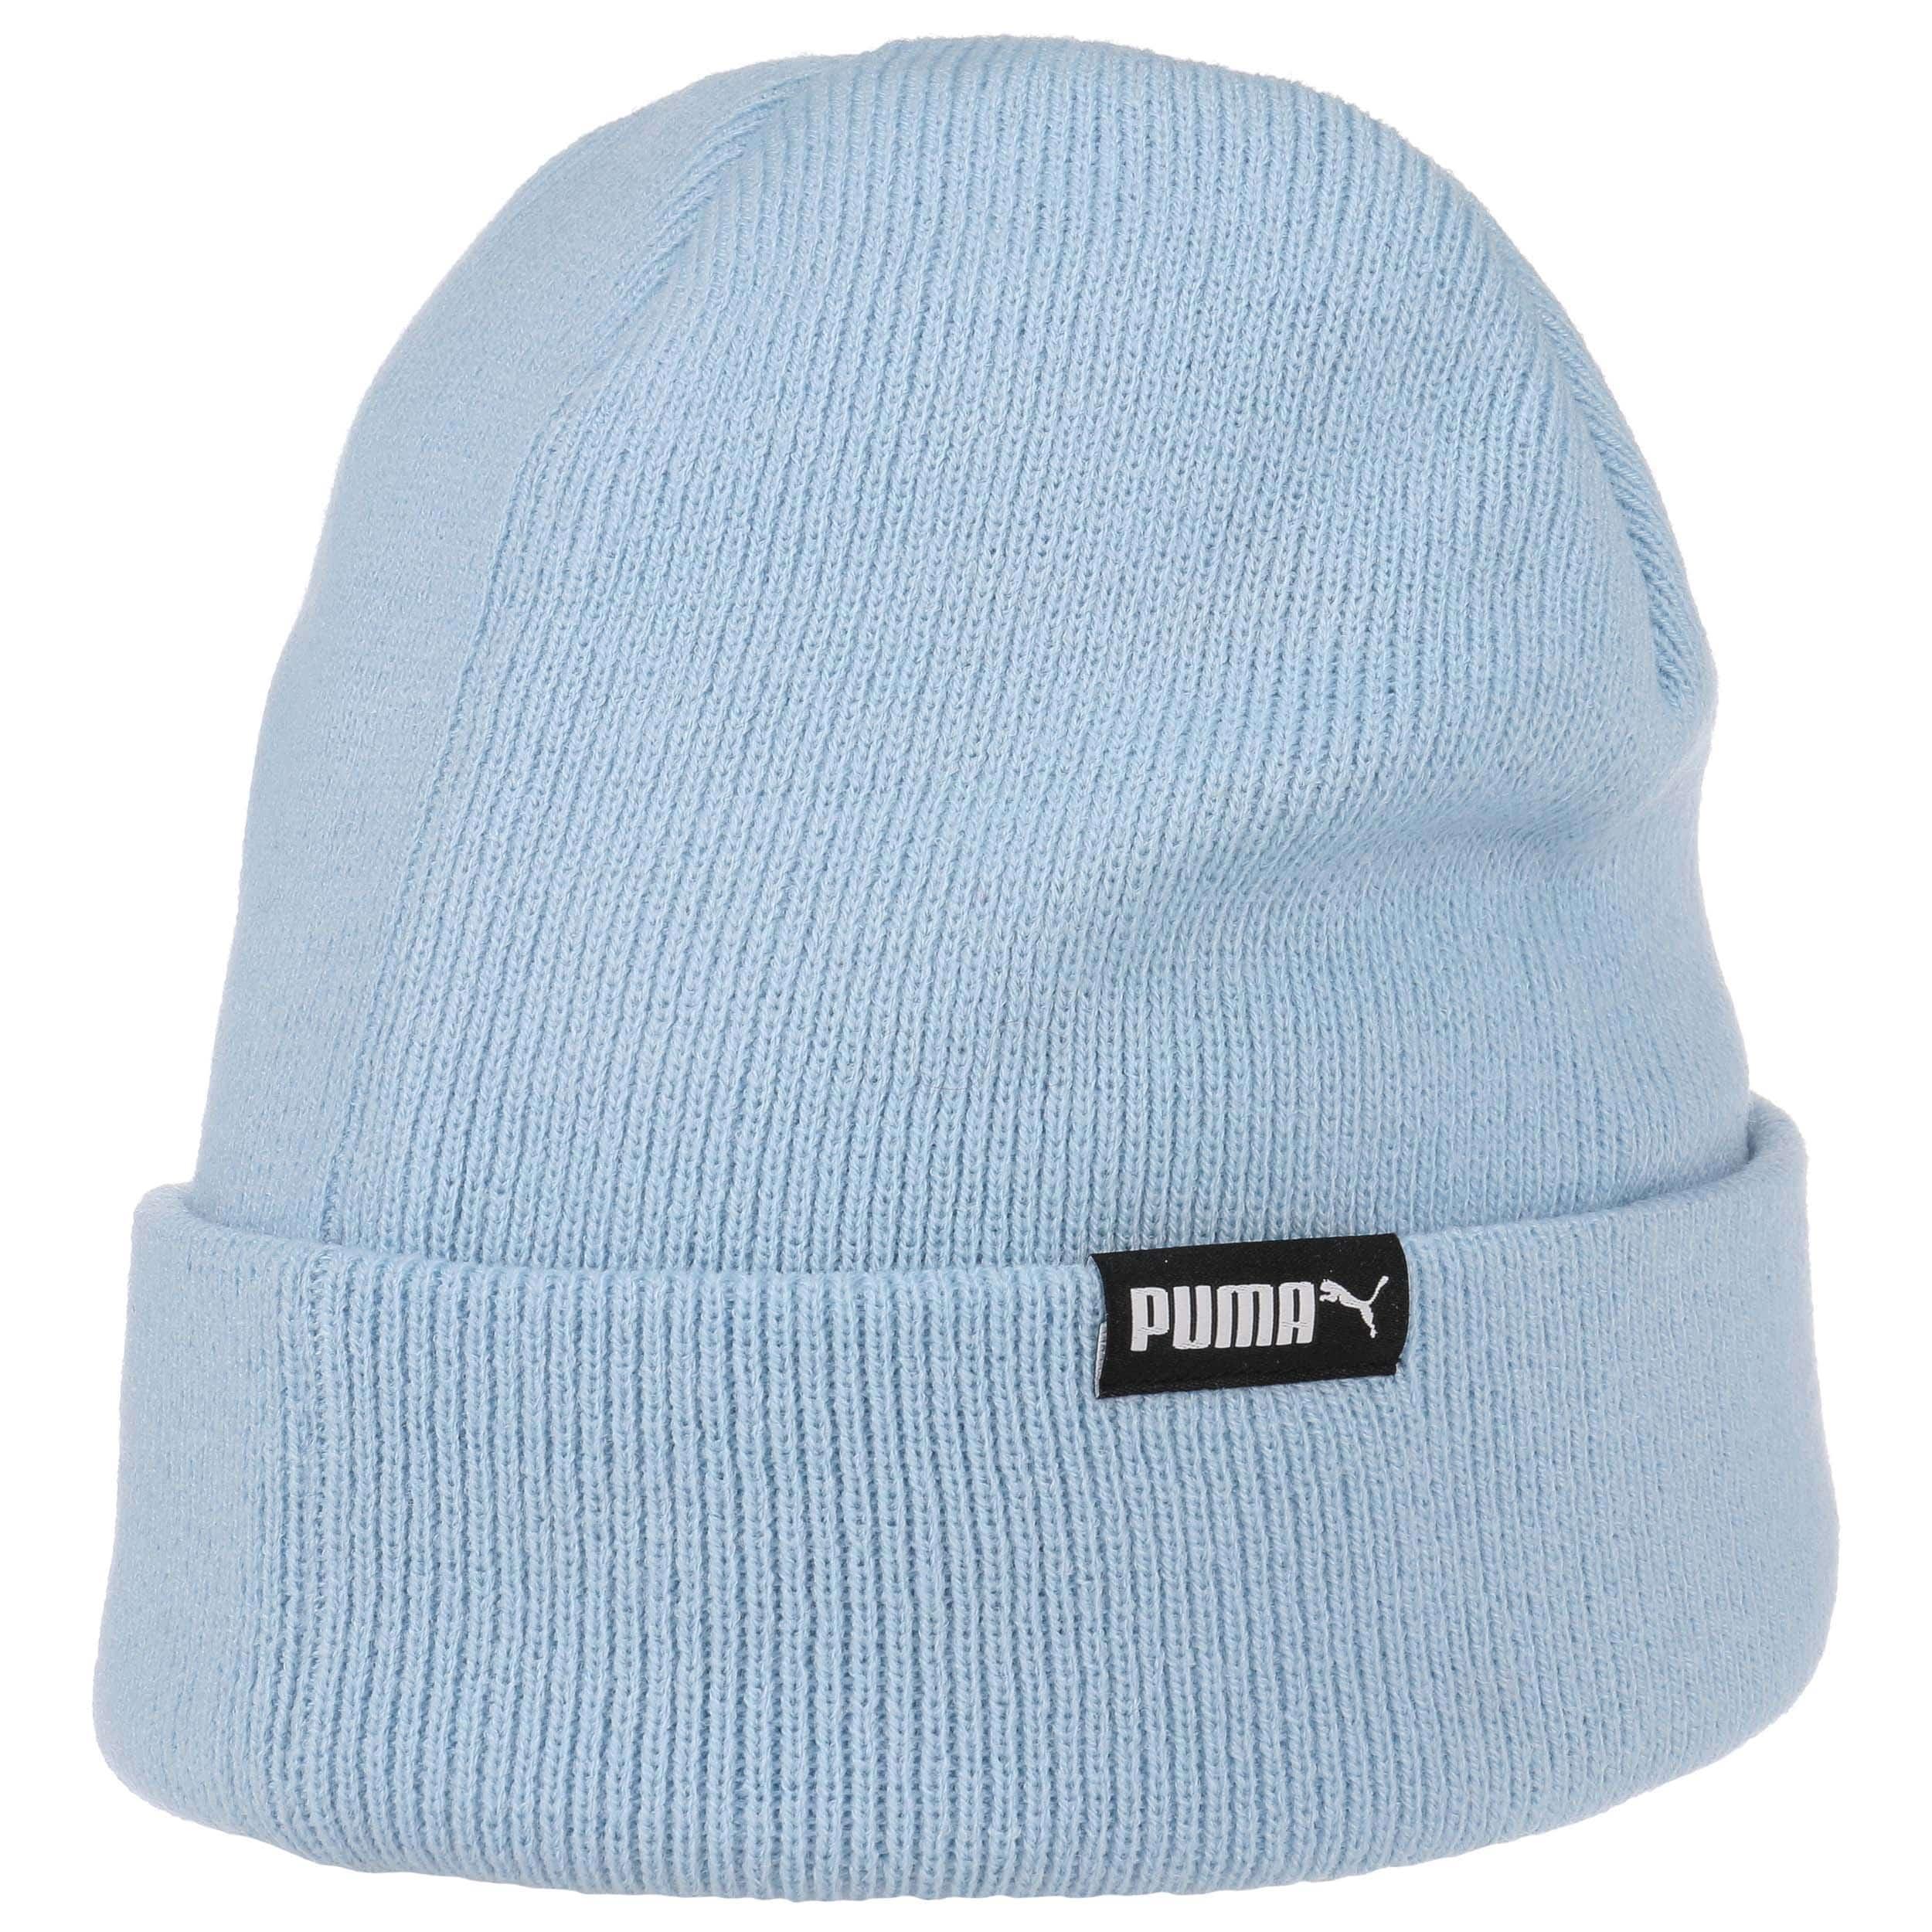 9bb1f5d6 Mid Fit Beanie Hat by PUMA